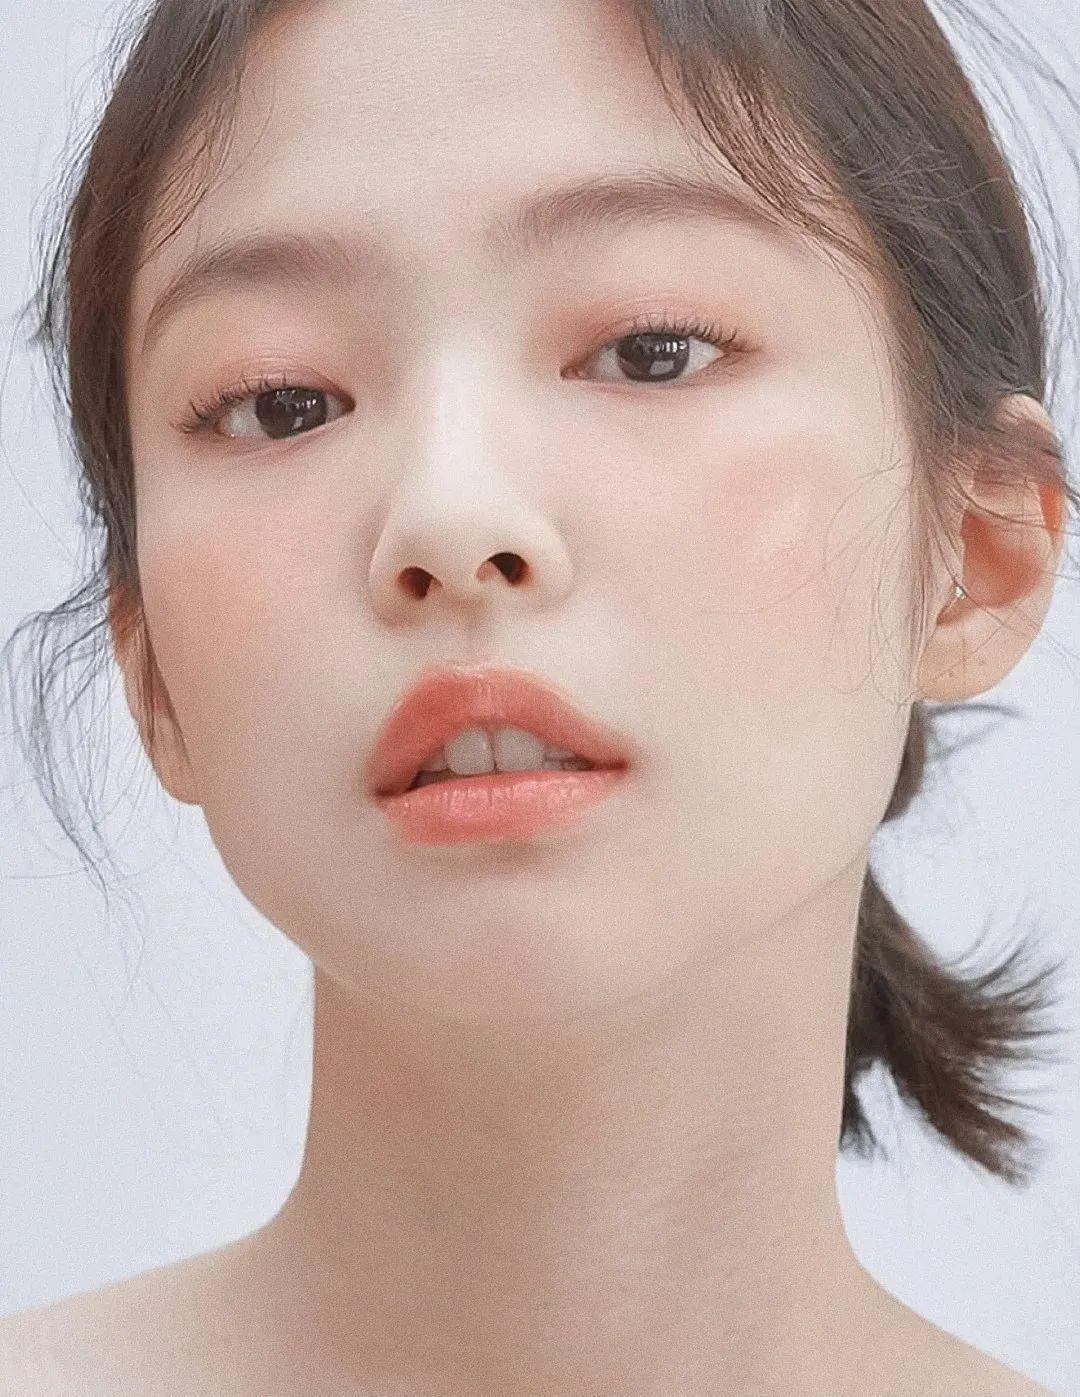 妹子摄影 – Jennie金智妮  美貌小猫咪_图片 No.12